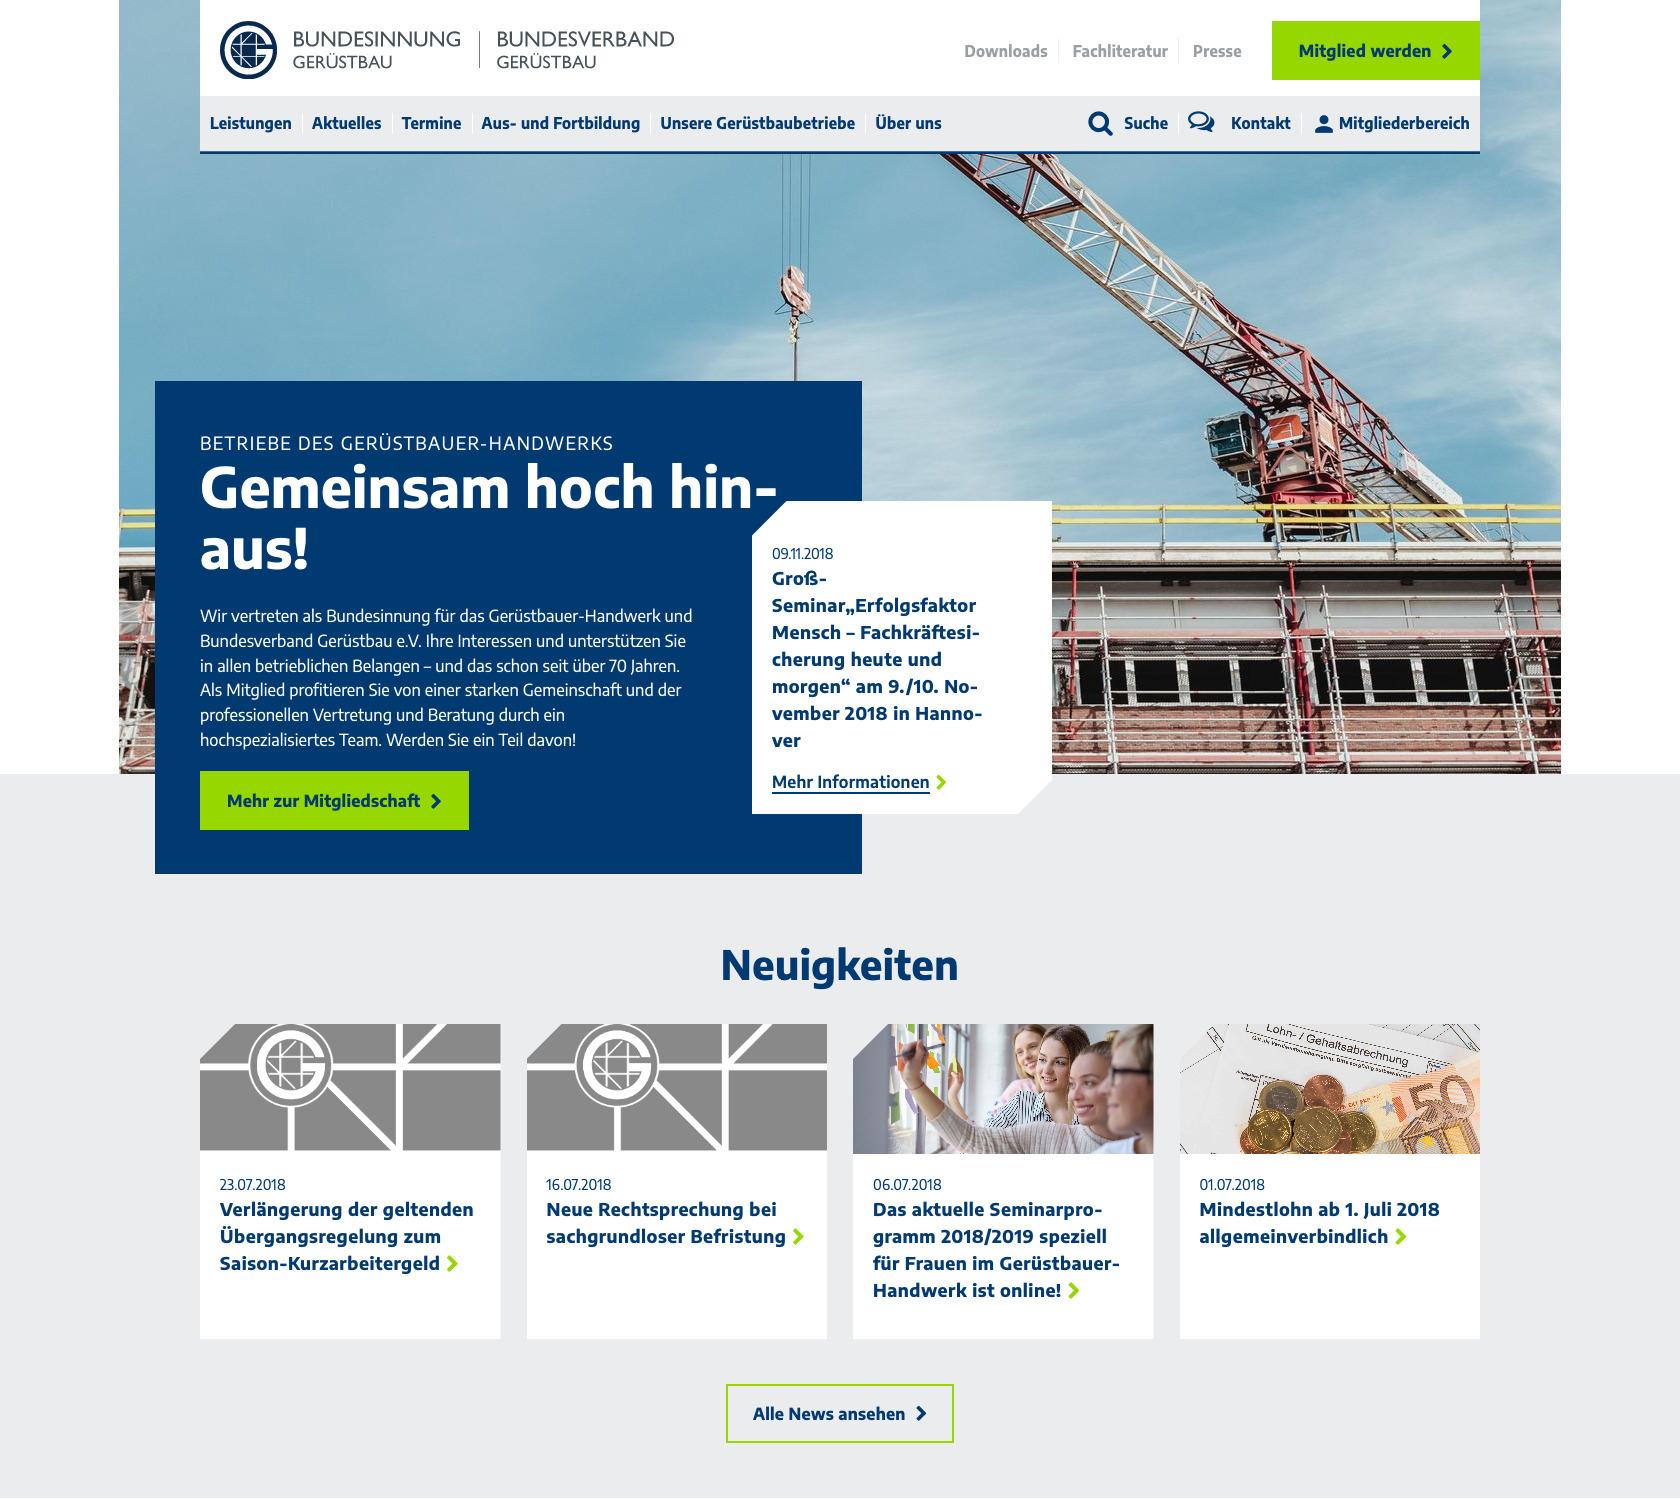 Gemeinsam hoch hinaus – Website der Bundesinnung für das Gerüstbauer ...